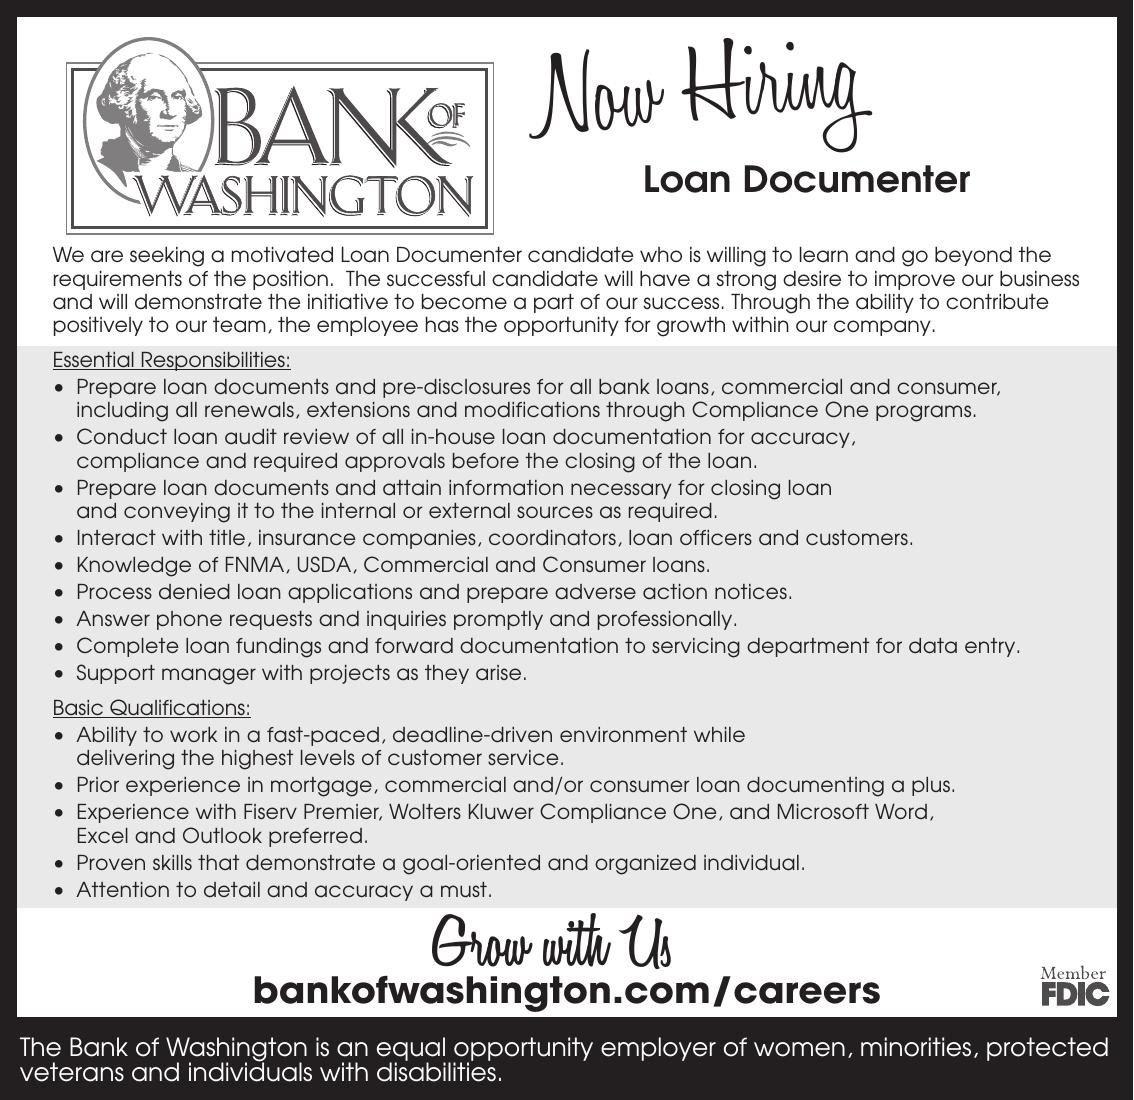 Loan Documenter